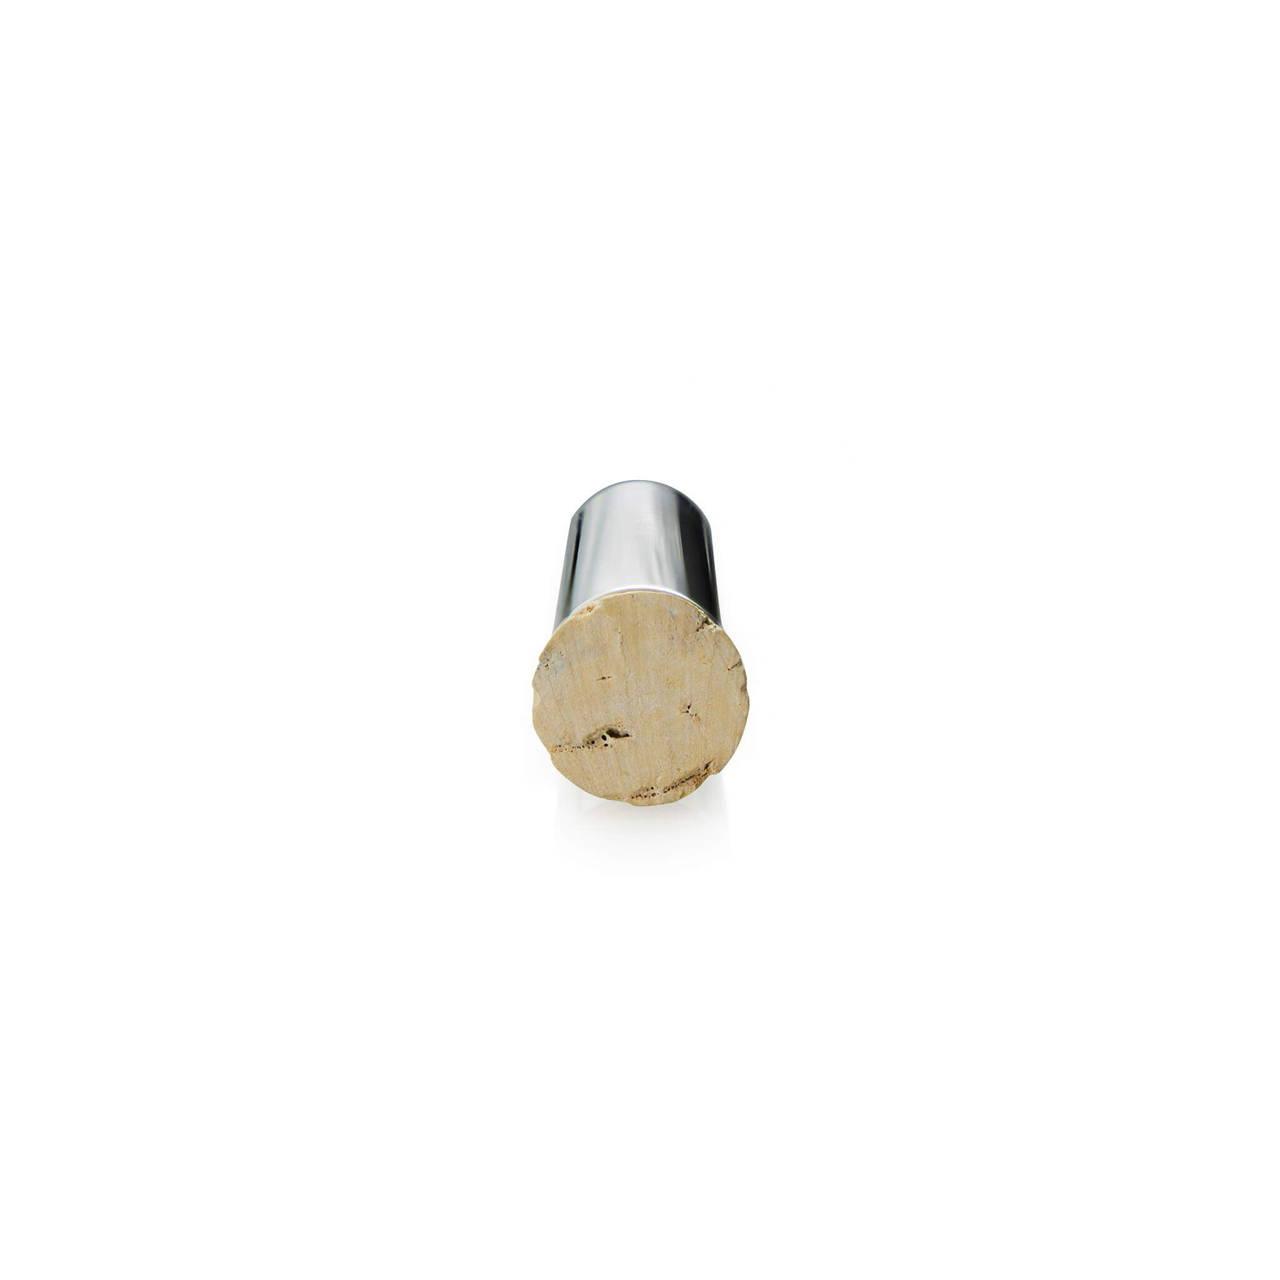 Silver Pill Tube cork detail